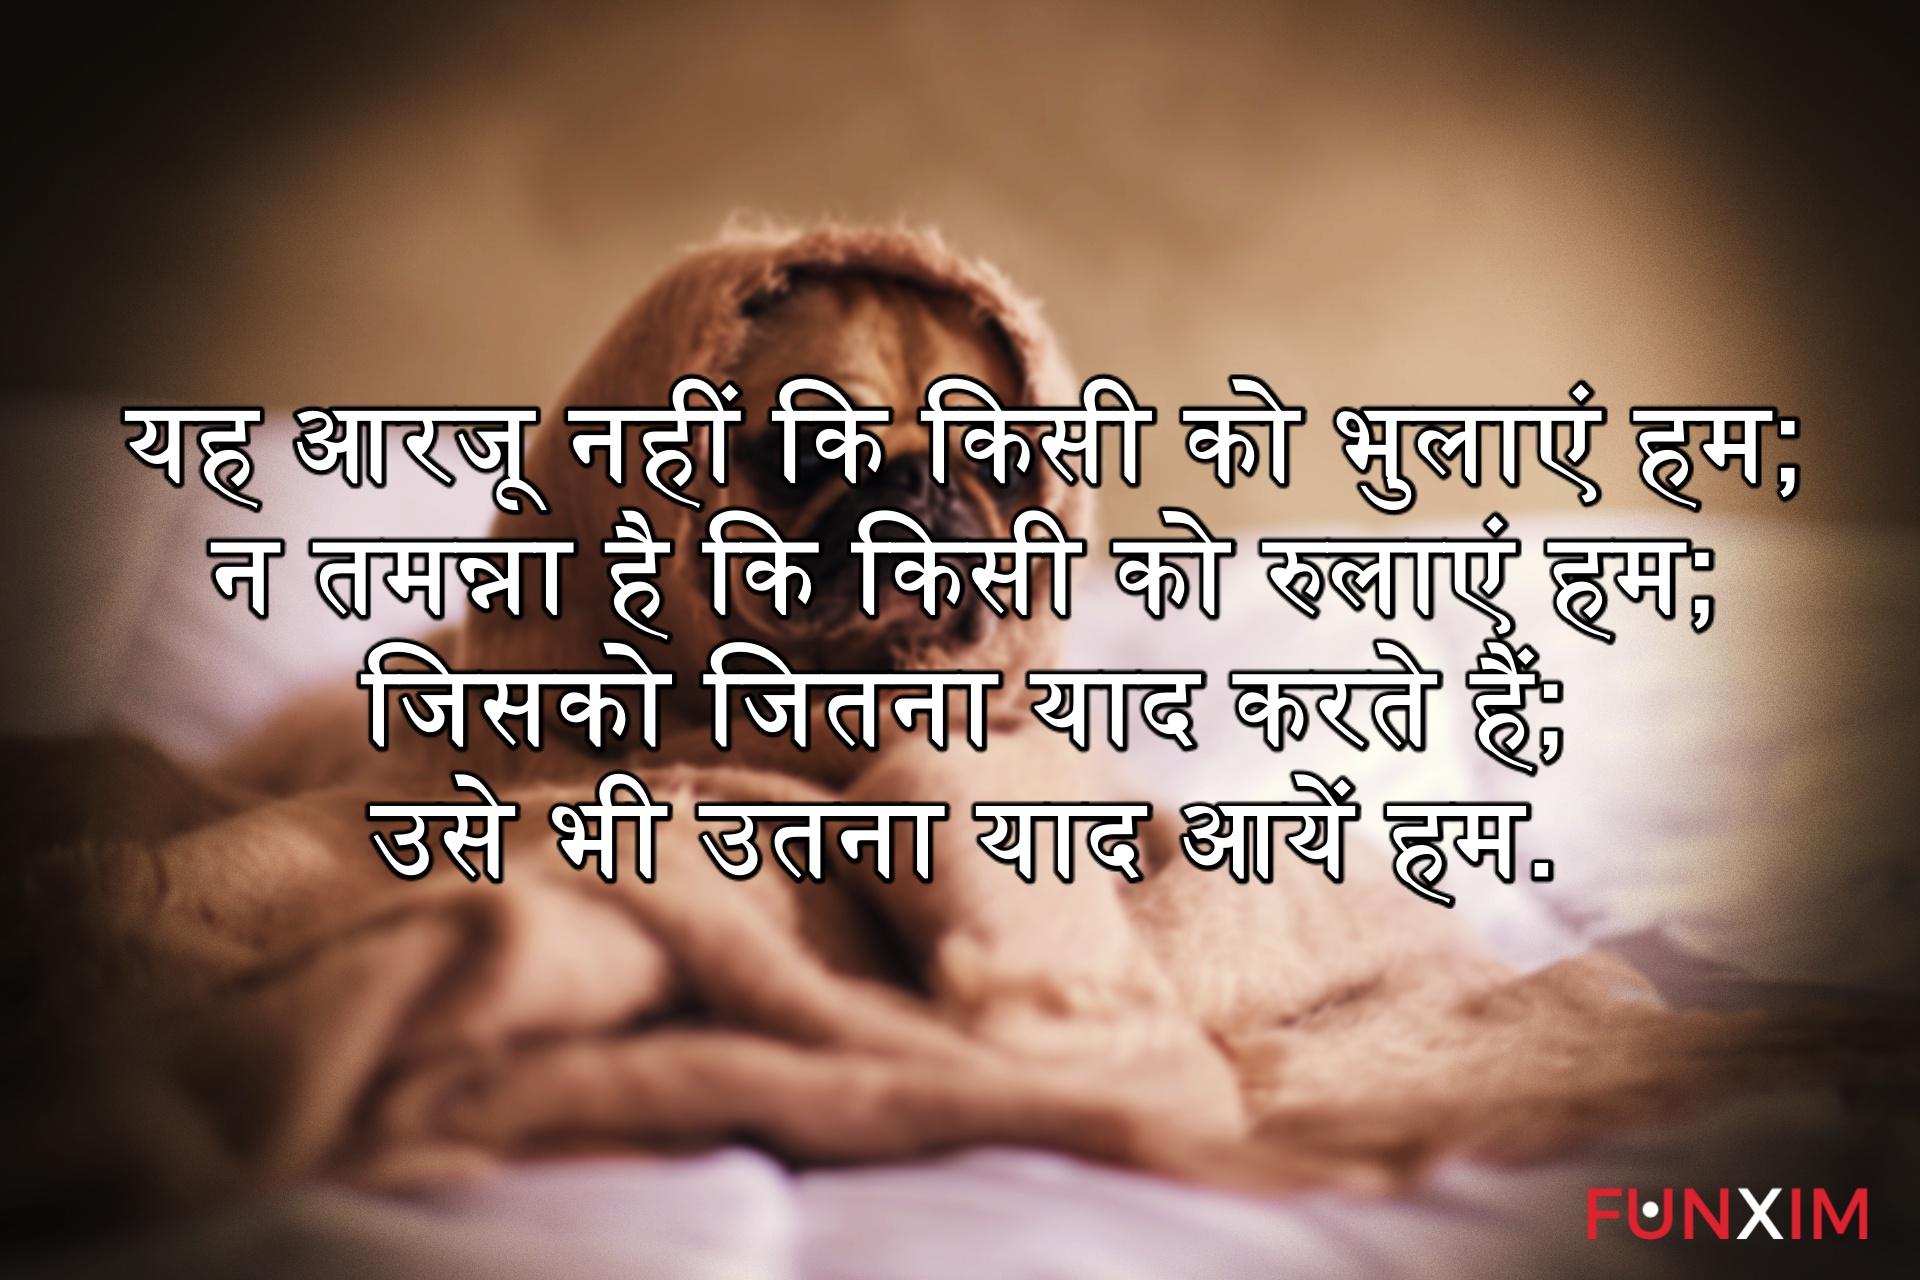 यह आरजू नहीं कि किसी को भुलाएं हम; न तमन्ना है कि किसी को रुलाएं हम; जिसको जितना याद करते हैं; उसे भी उतना याद आयें हम.